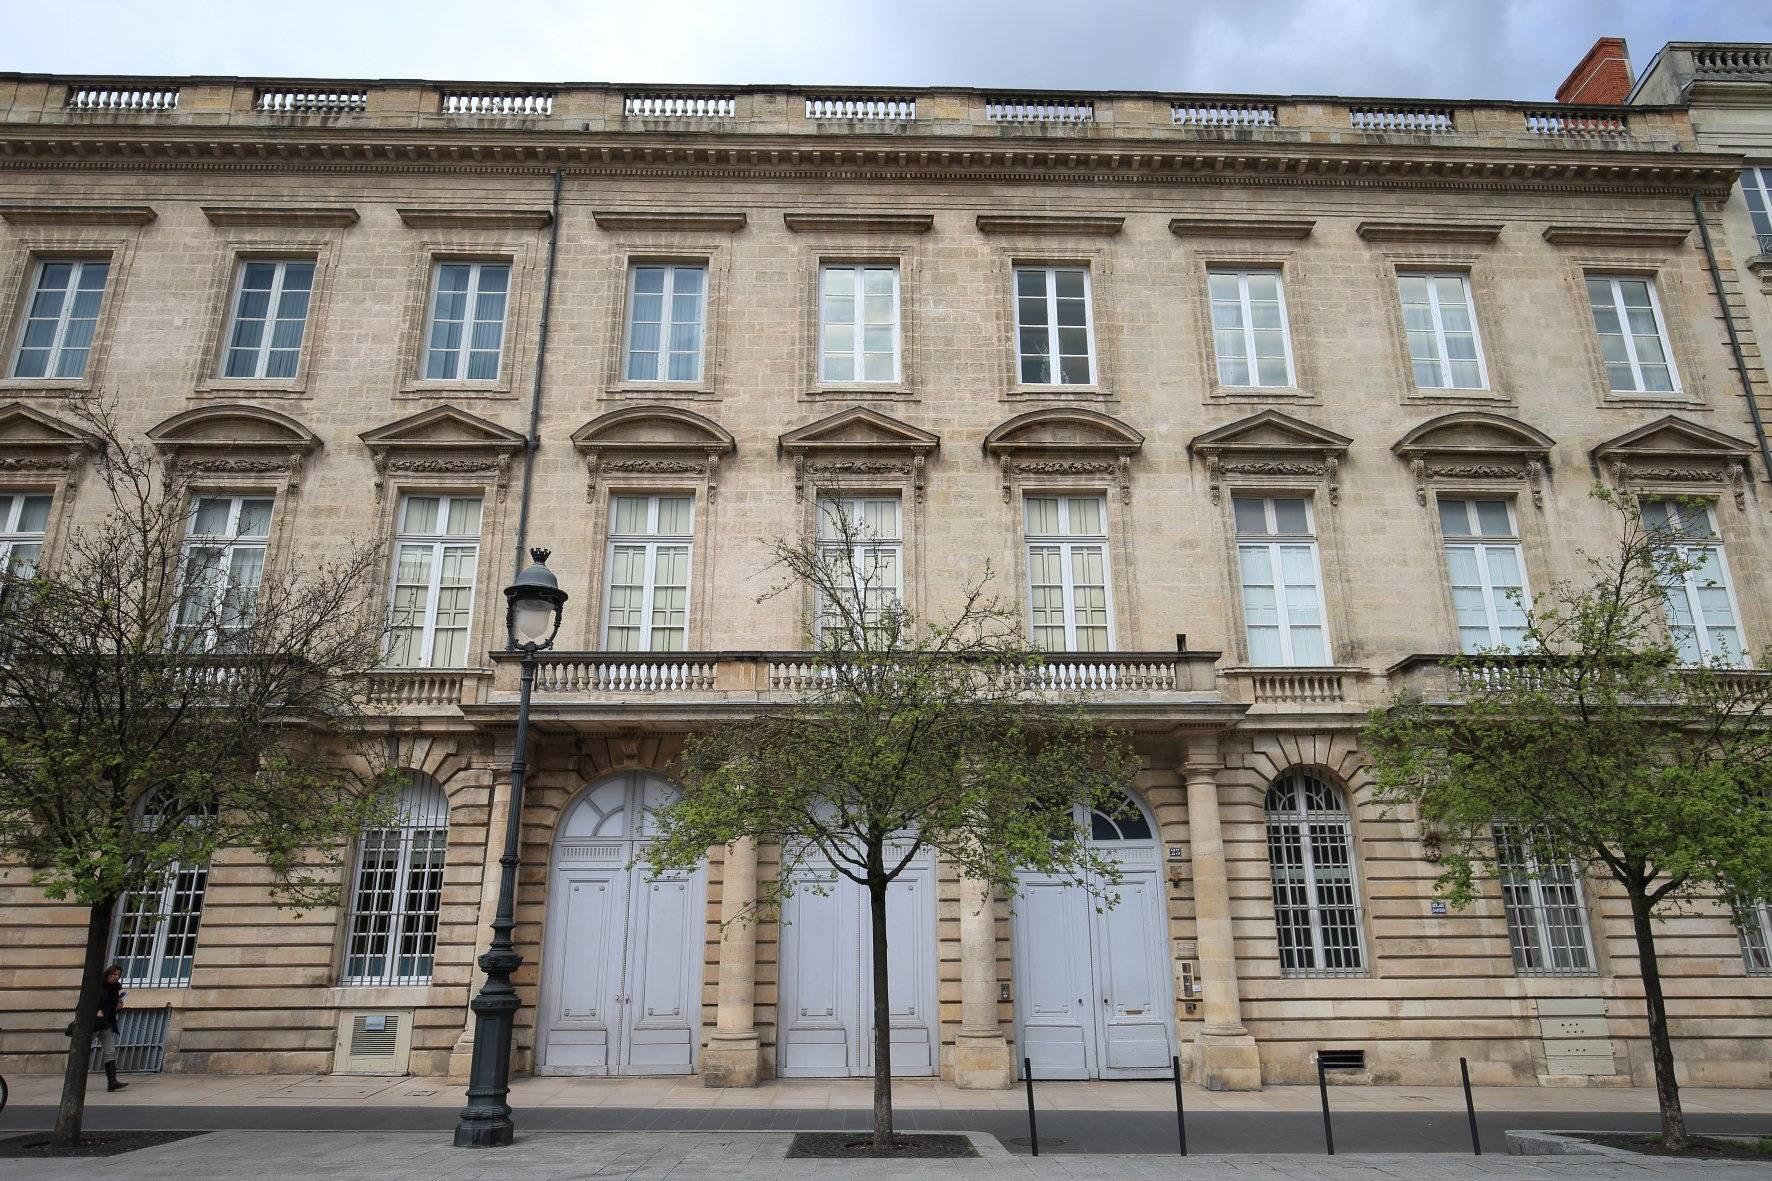 Appartement de prestige a vendre BORDEAUX Triangle d'or proche du grand théâtre